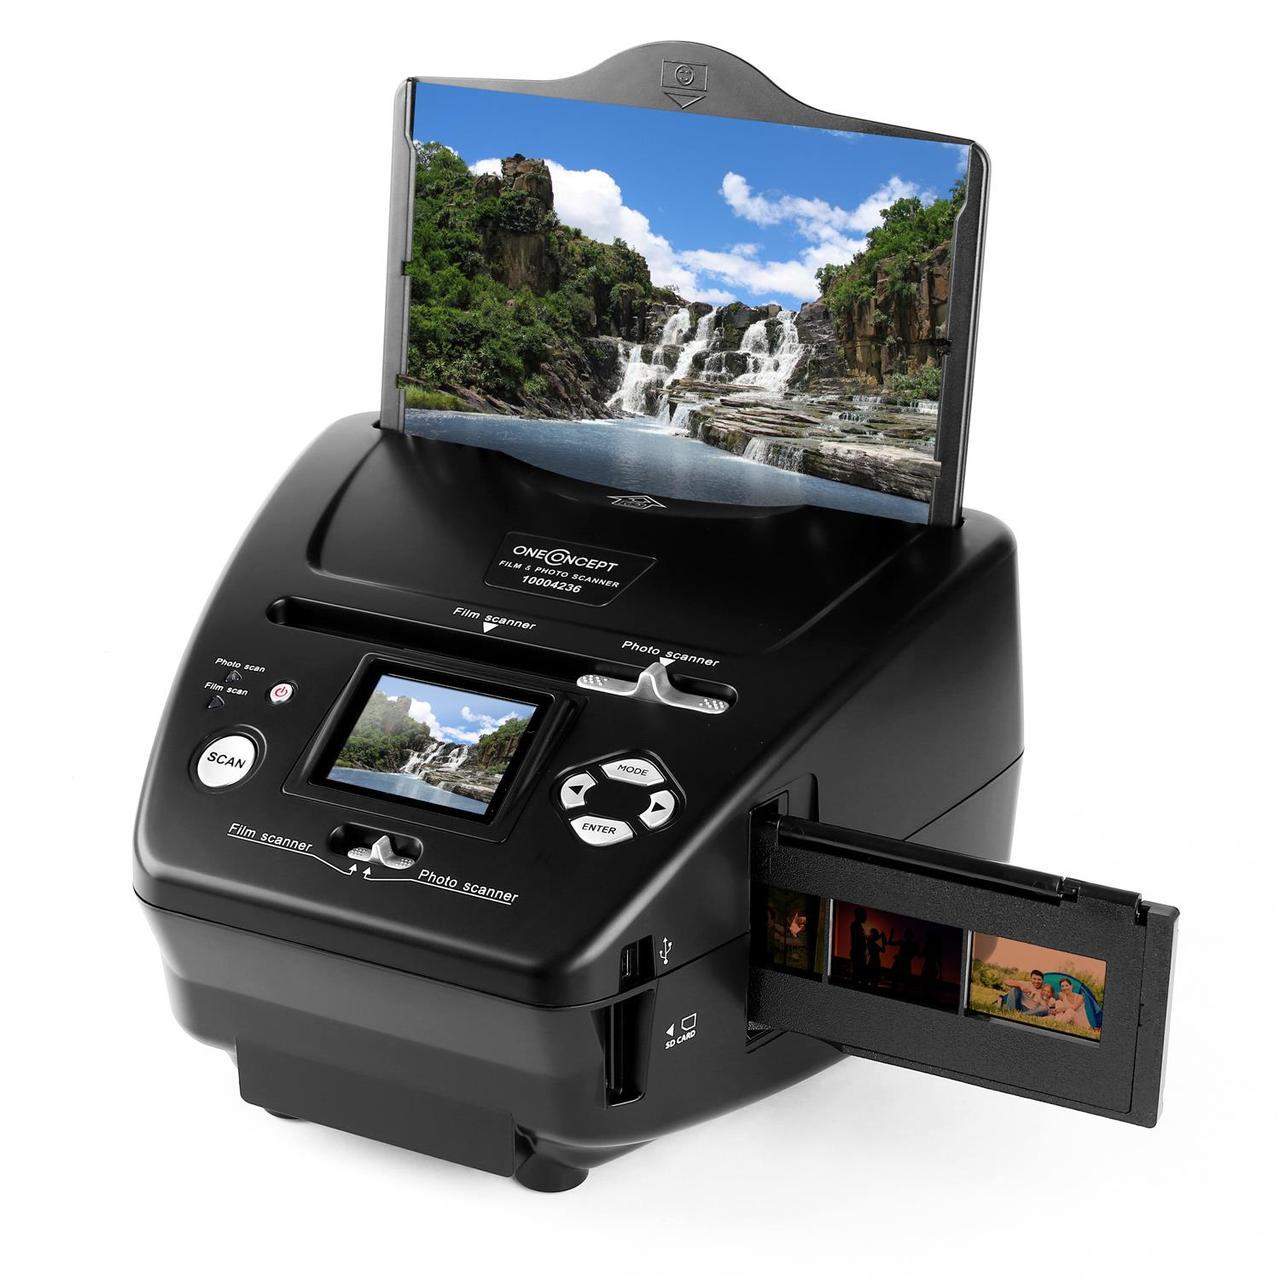 аппарат для просмотра фотографий с пленки рядовым